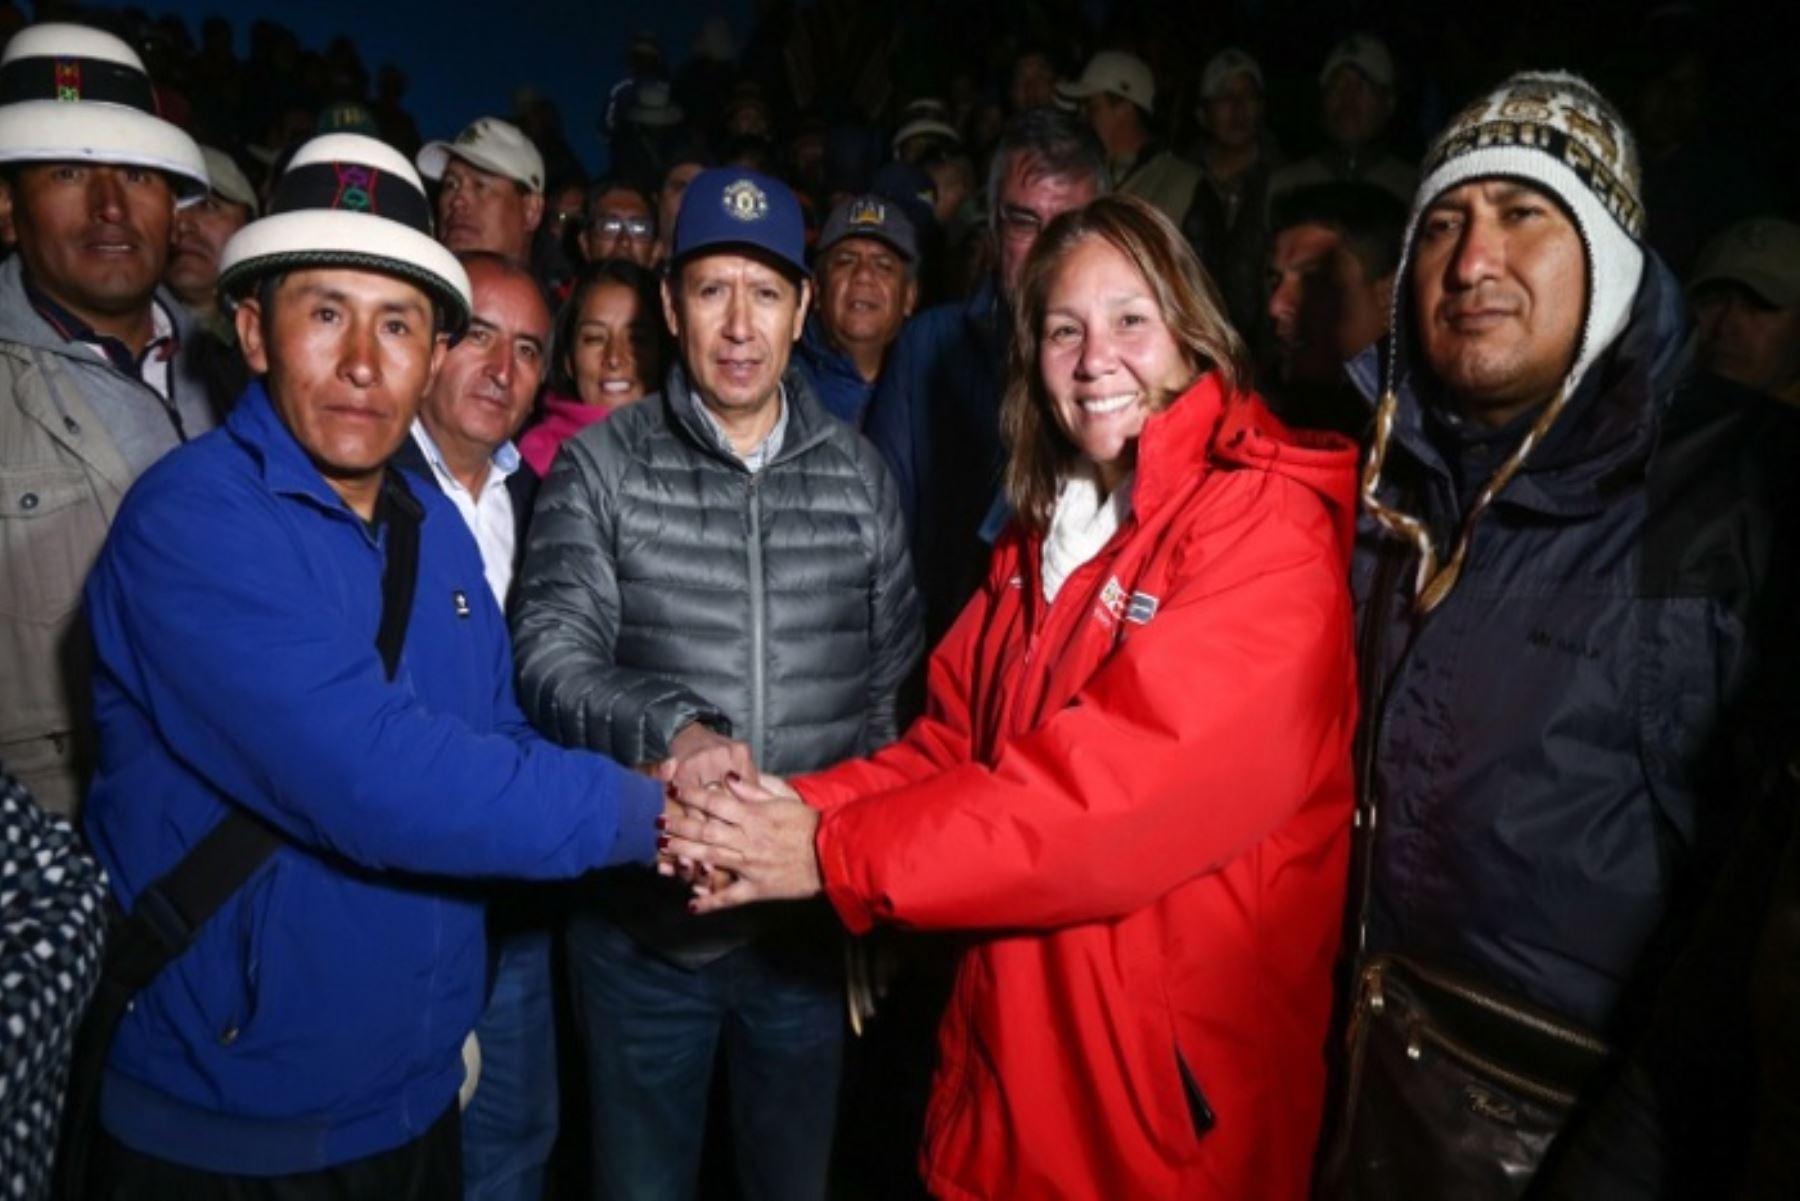 La ministra de Desarrollo e Inclusión Social, Paola Bustamante, destacó los procesos de diálogo en el tema Las Bambas, en la región Apurímac, que involucran a las poblaciones que rodean al corredor minero del sur, los cuales vienen obteniendo resultados positivos.